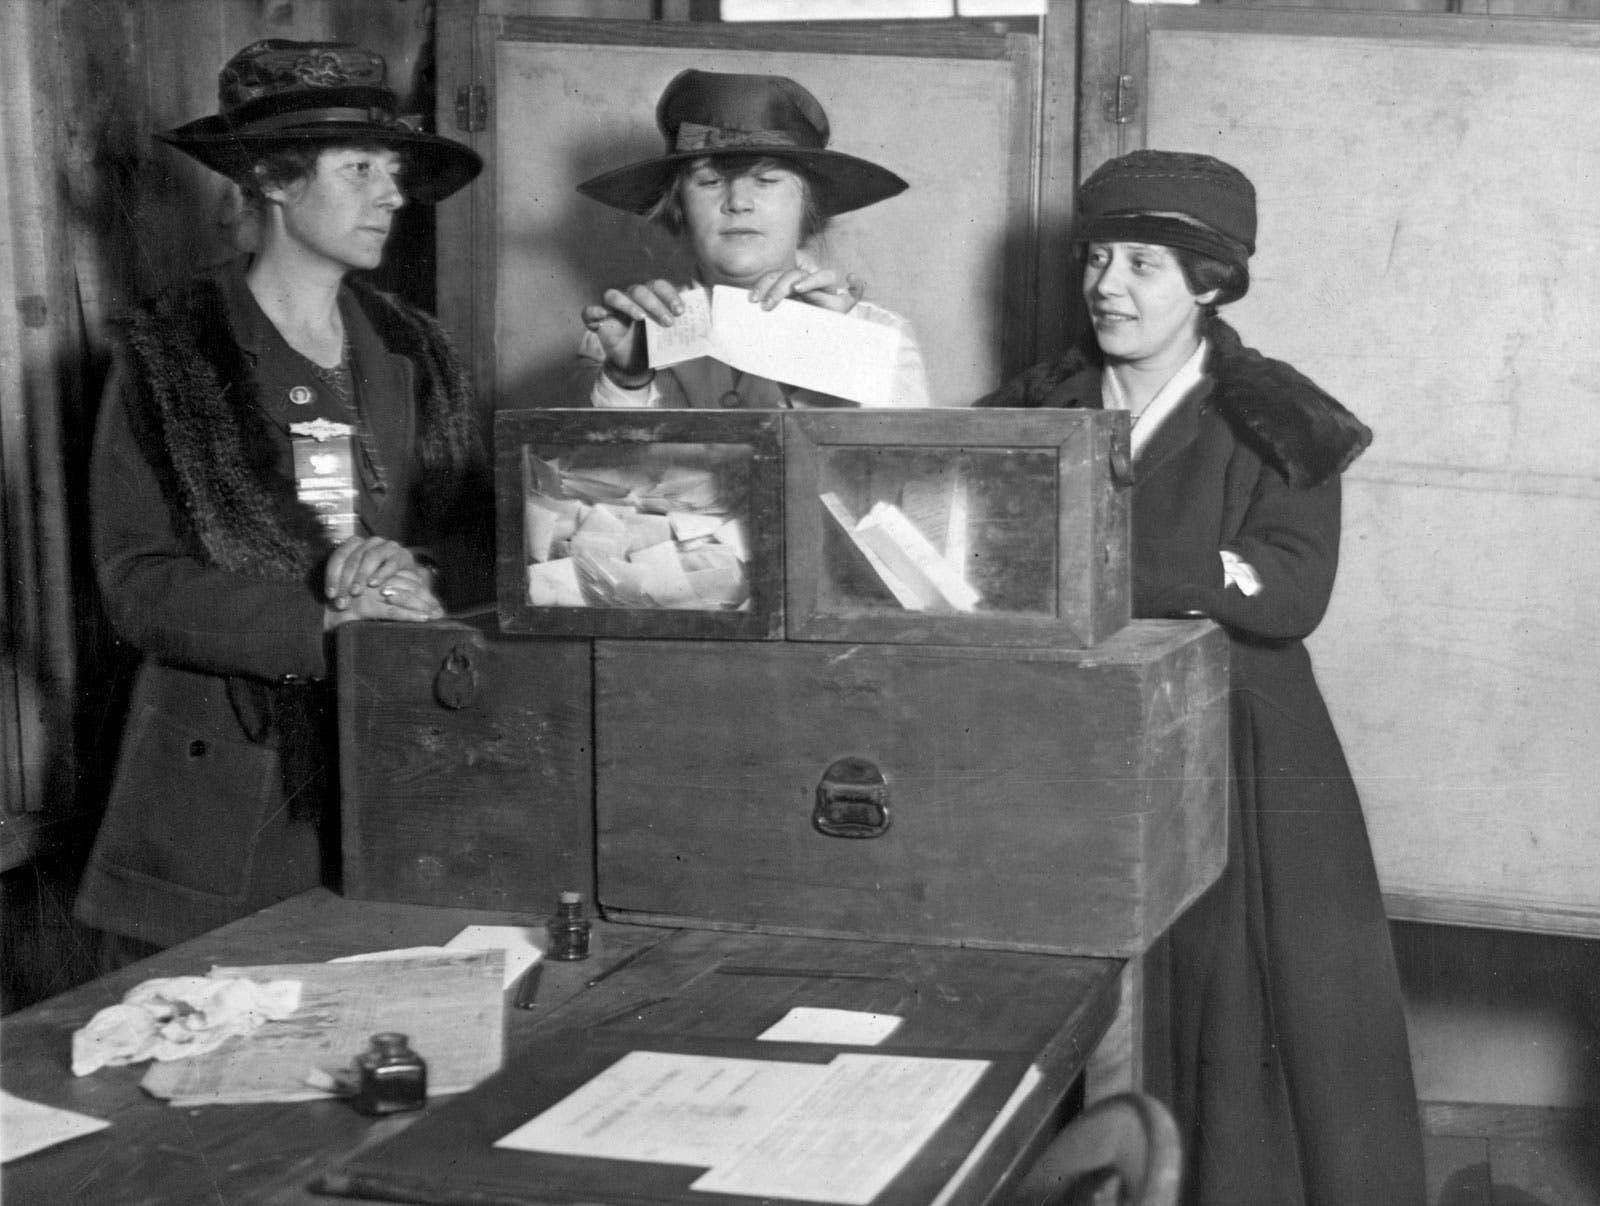 صورة لعدد من النساء أثناء عملية الانتخاب